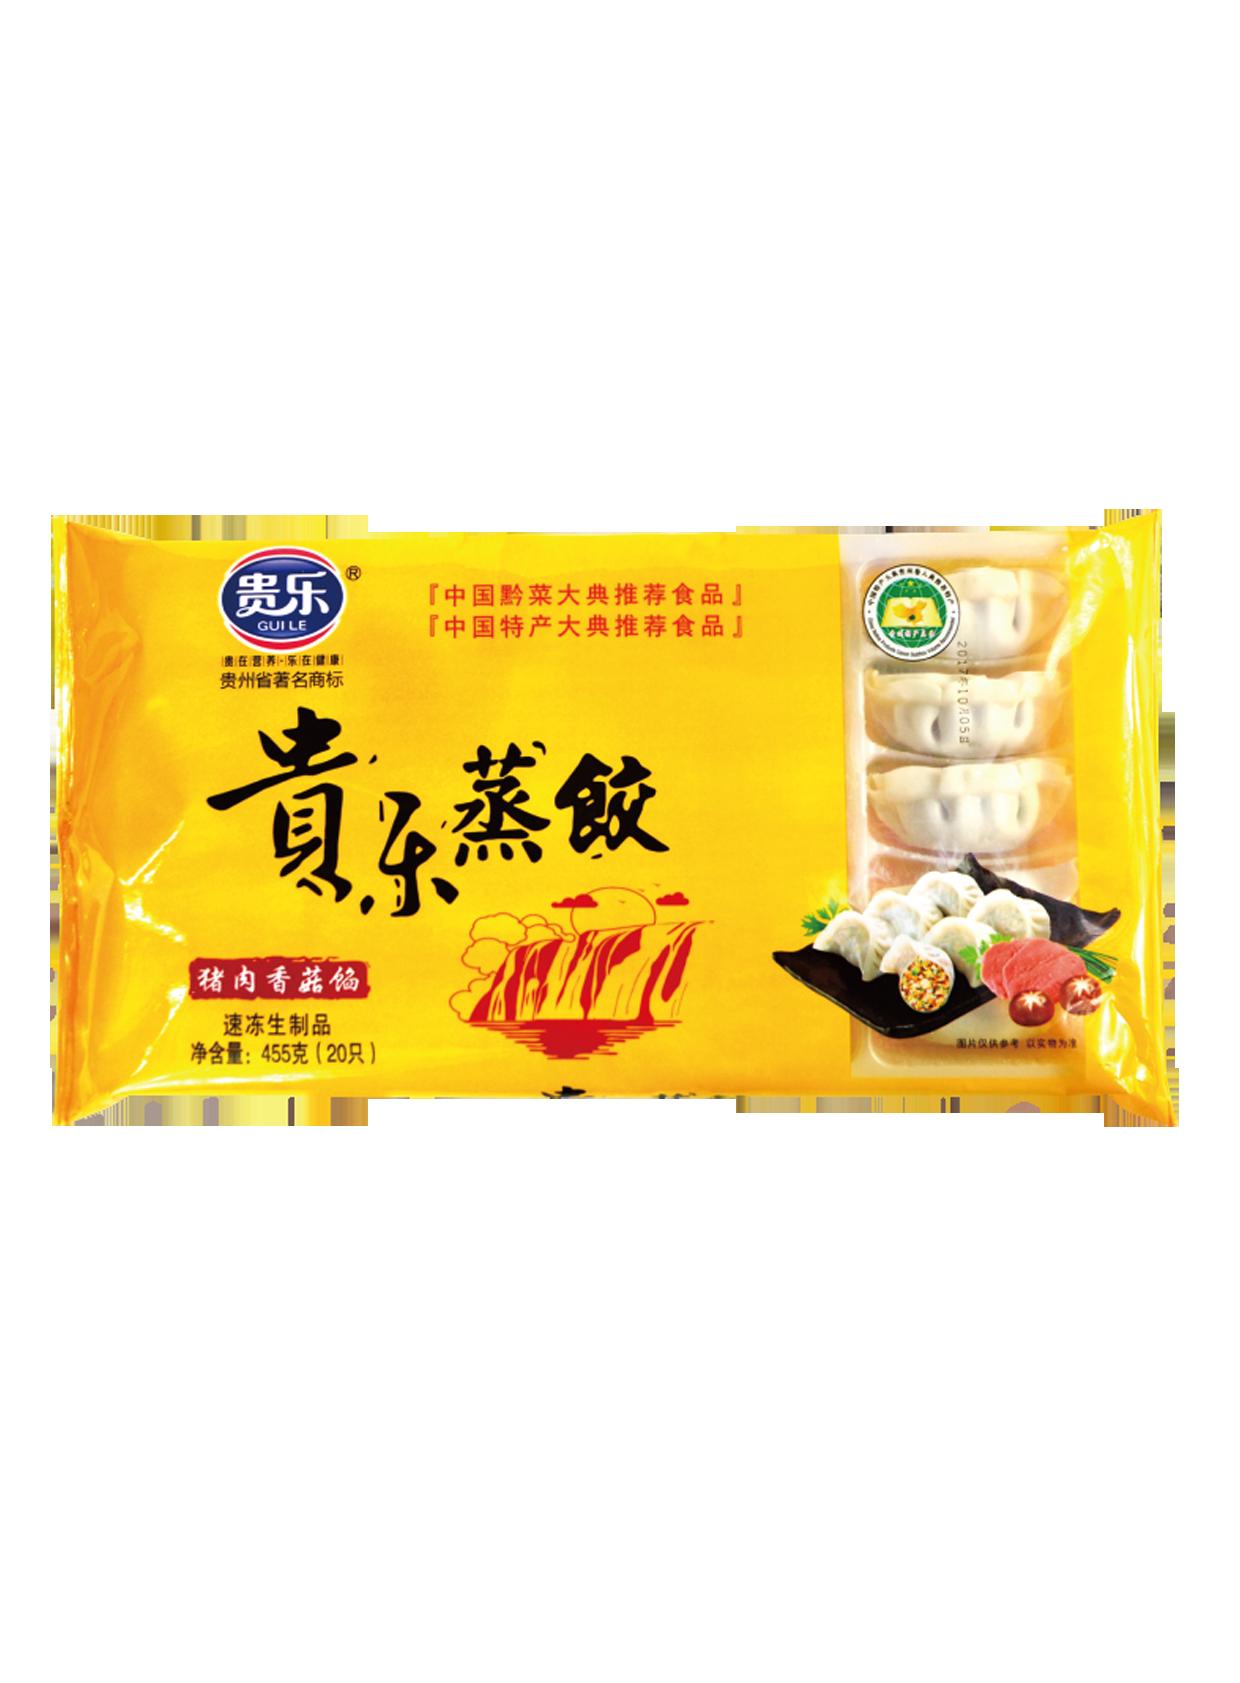 貴樂蒸餃 455g